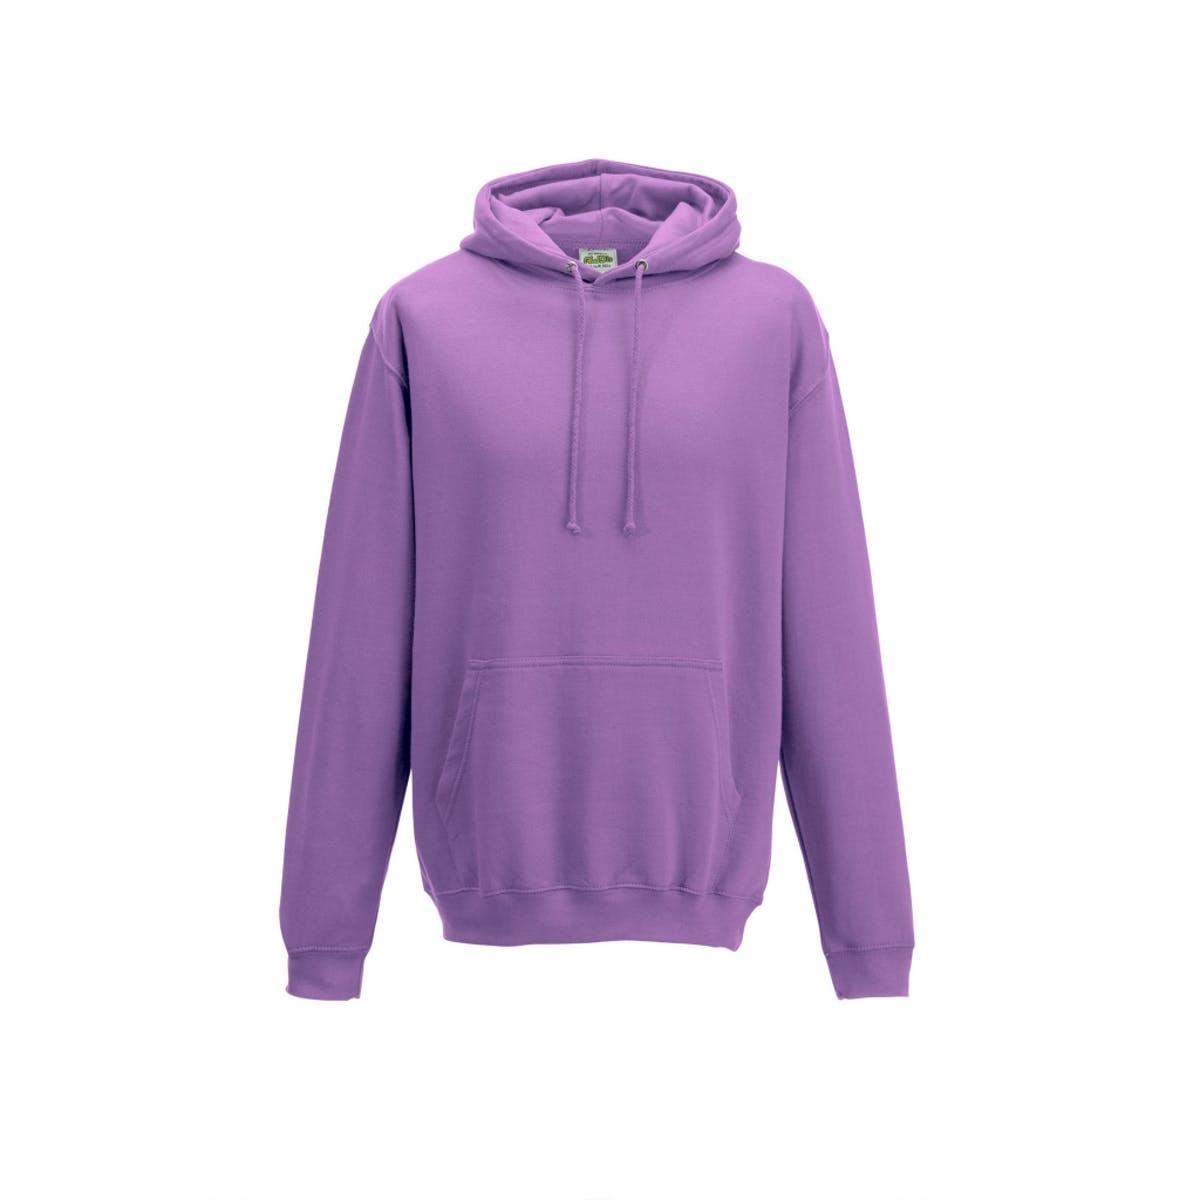 lavender college hoodies